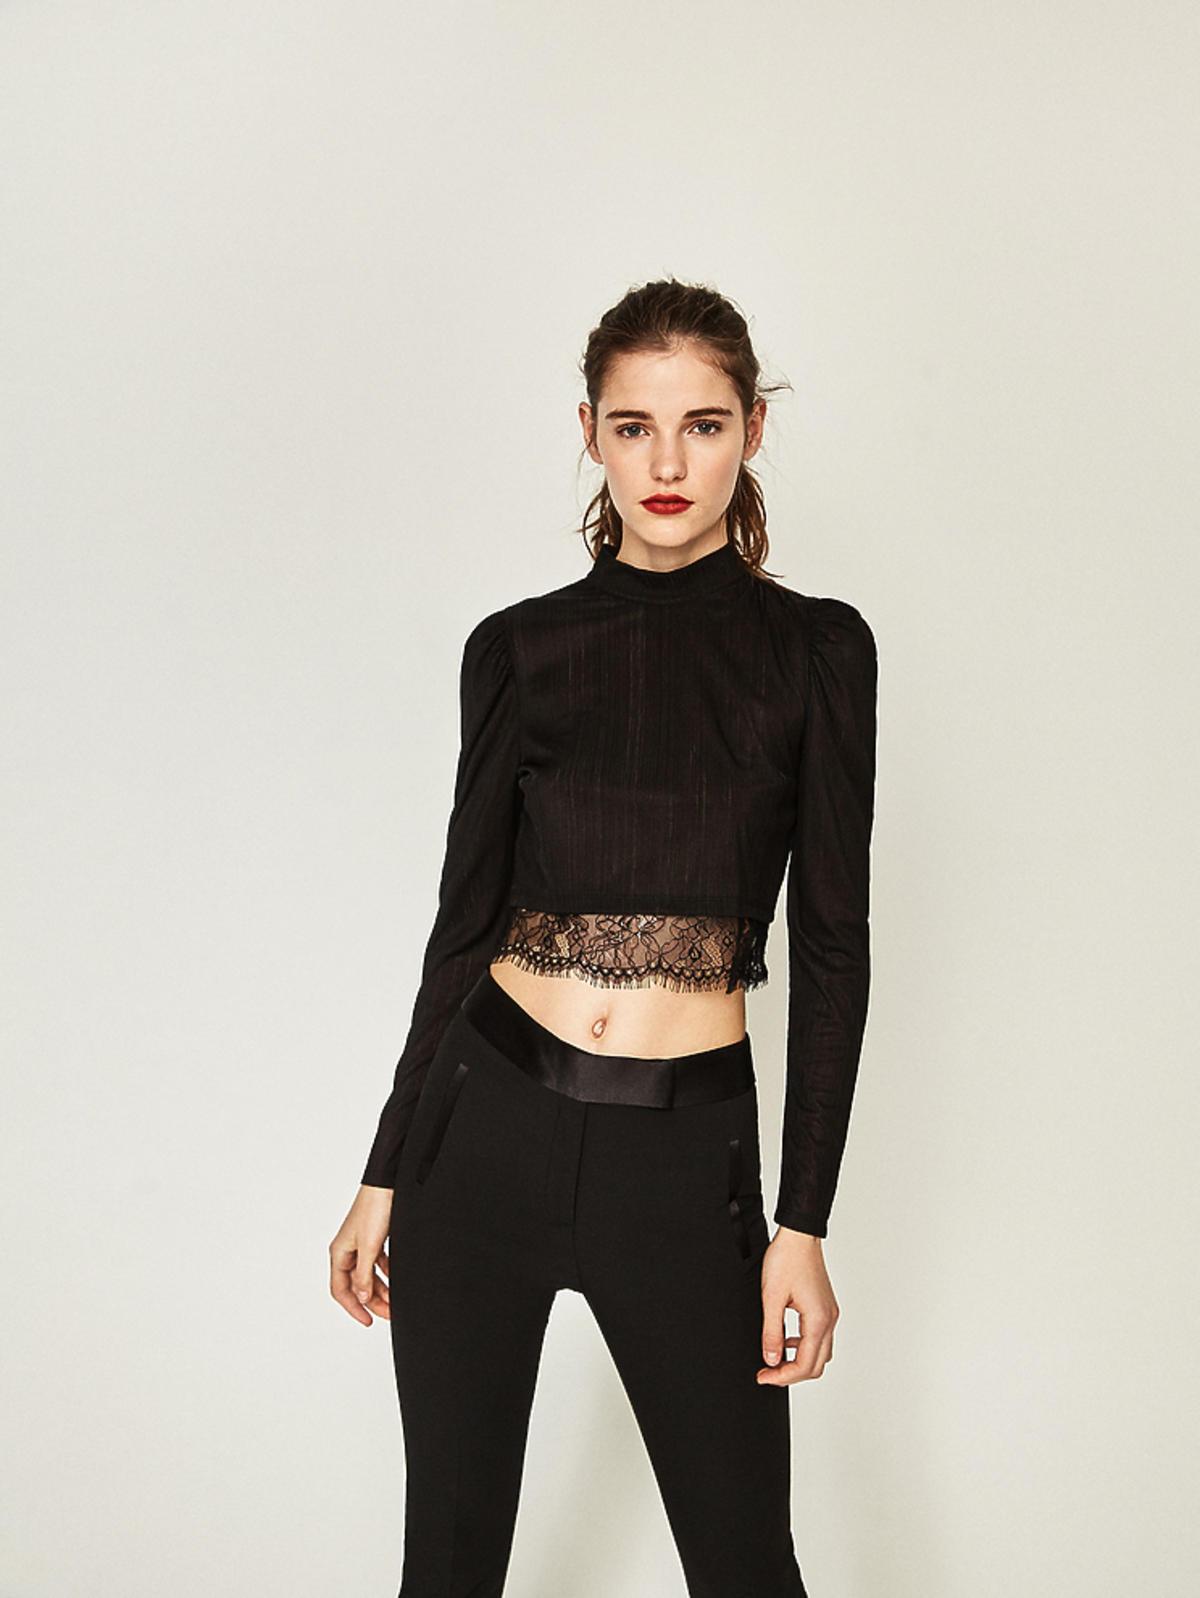 Wyprzedaż zimowa 2016: Koszulka z koronką, Zara, przeceniona z 79,90 zł na 49,90 zł